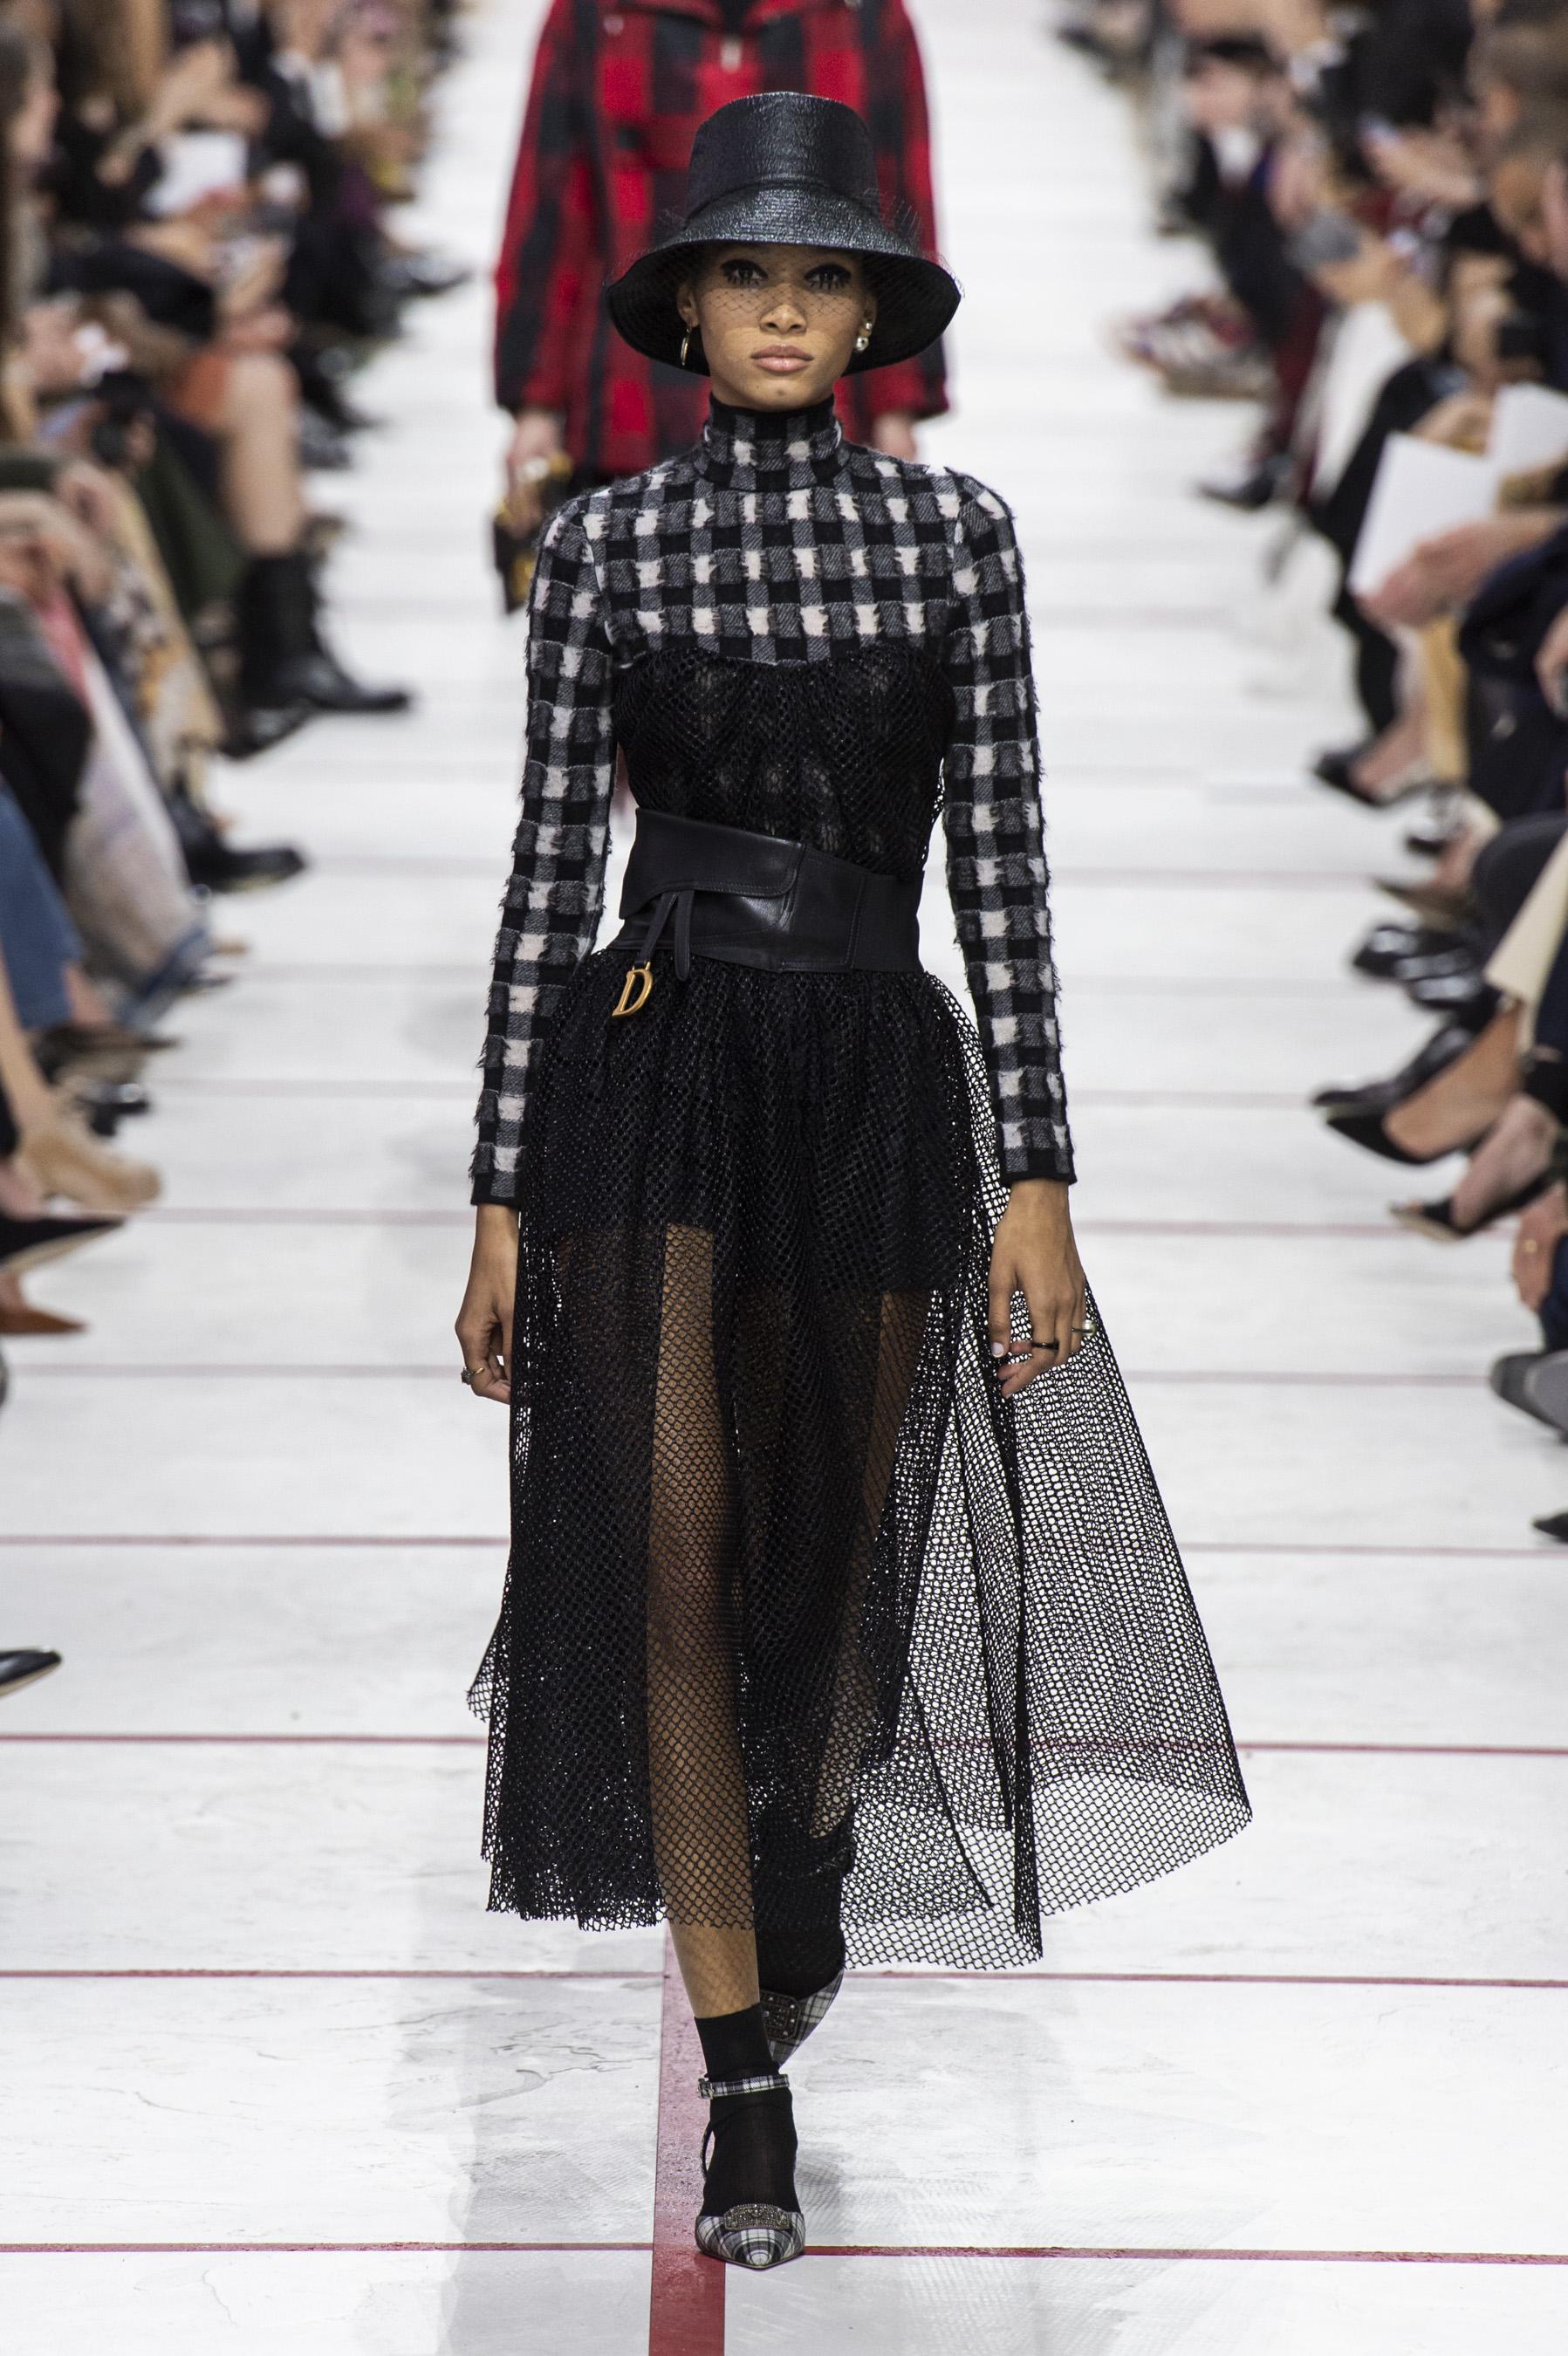 7e30a426 Défilé Christian Dior automne-hiver 2019-2020 Prêt-à-porter - Madame ...